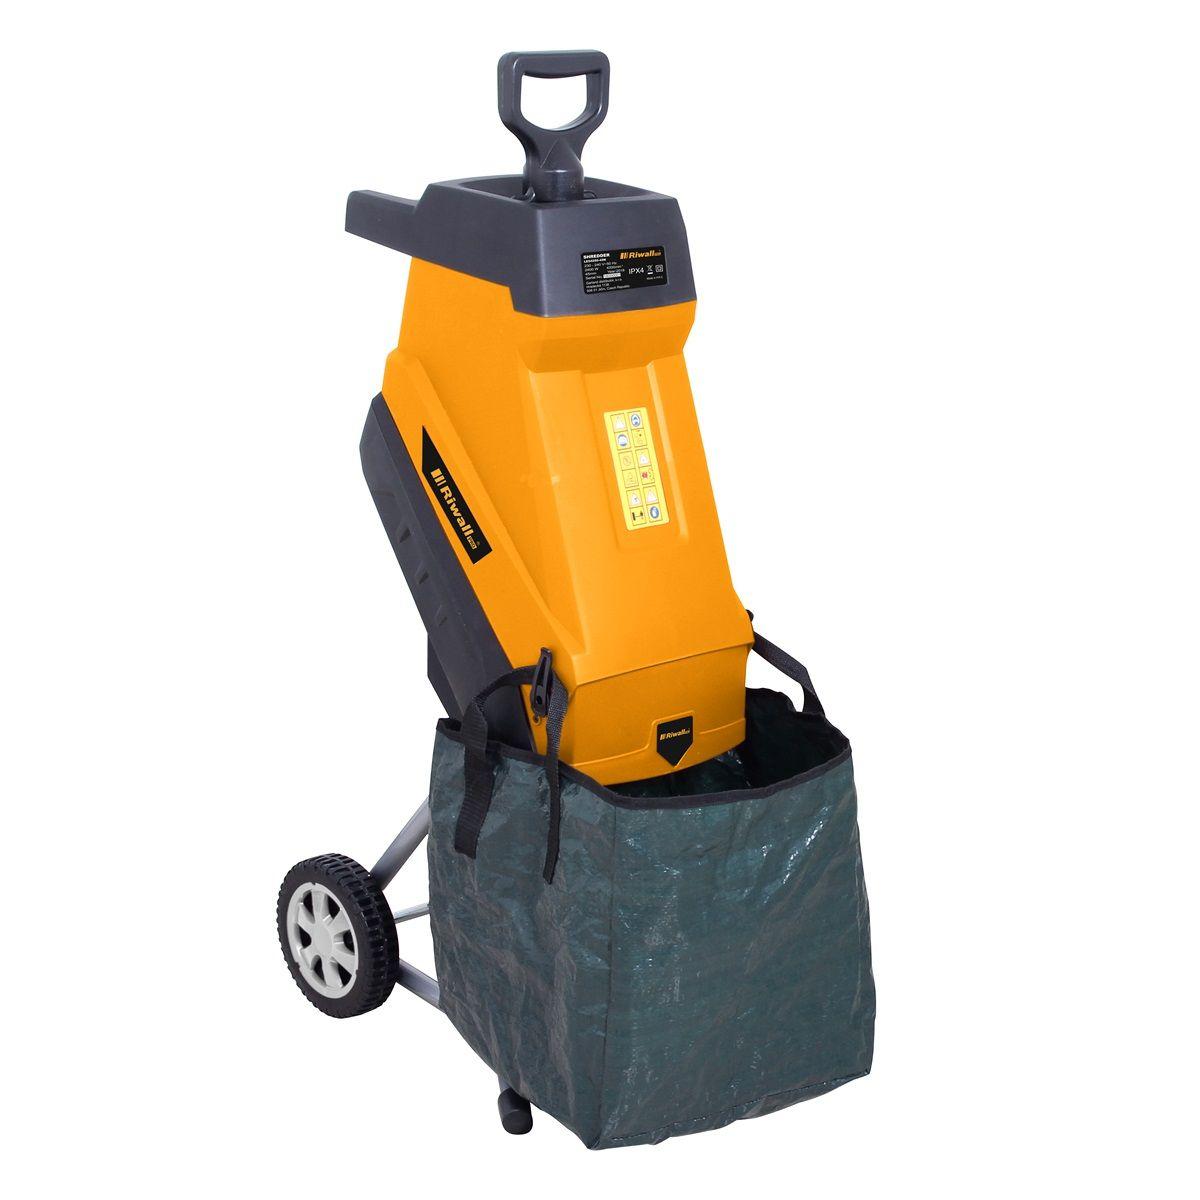 Riwall RES2545 elektromos ágaprító (24 hónap garancia)